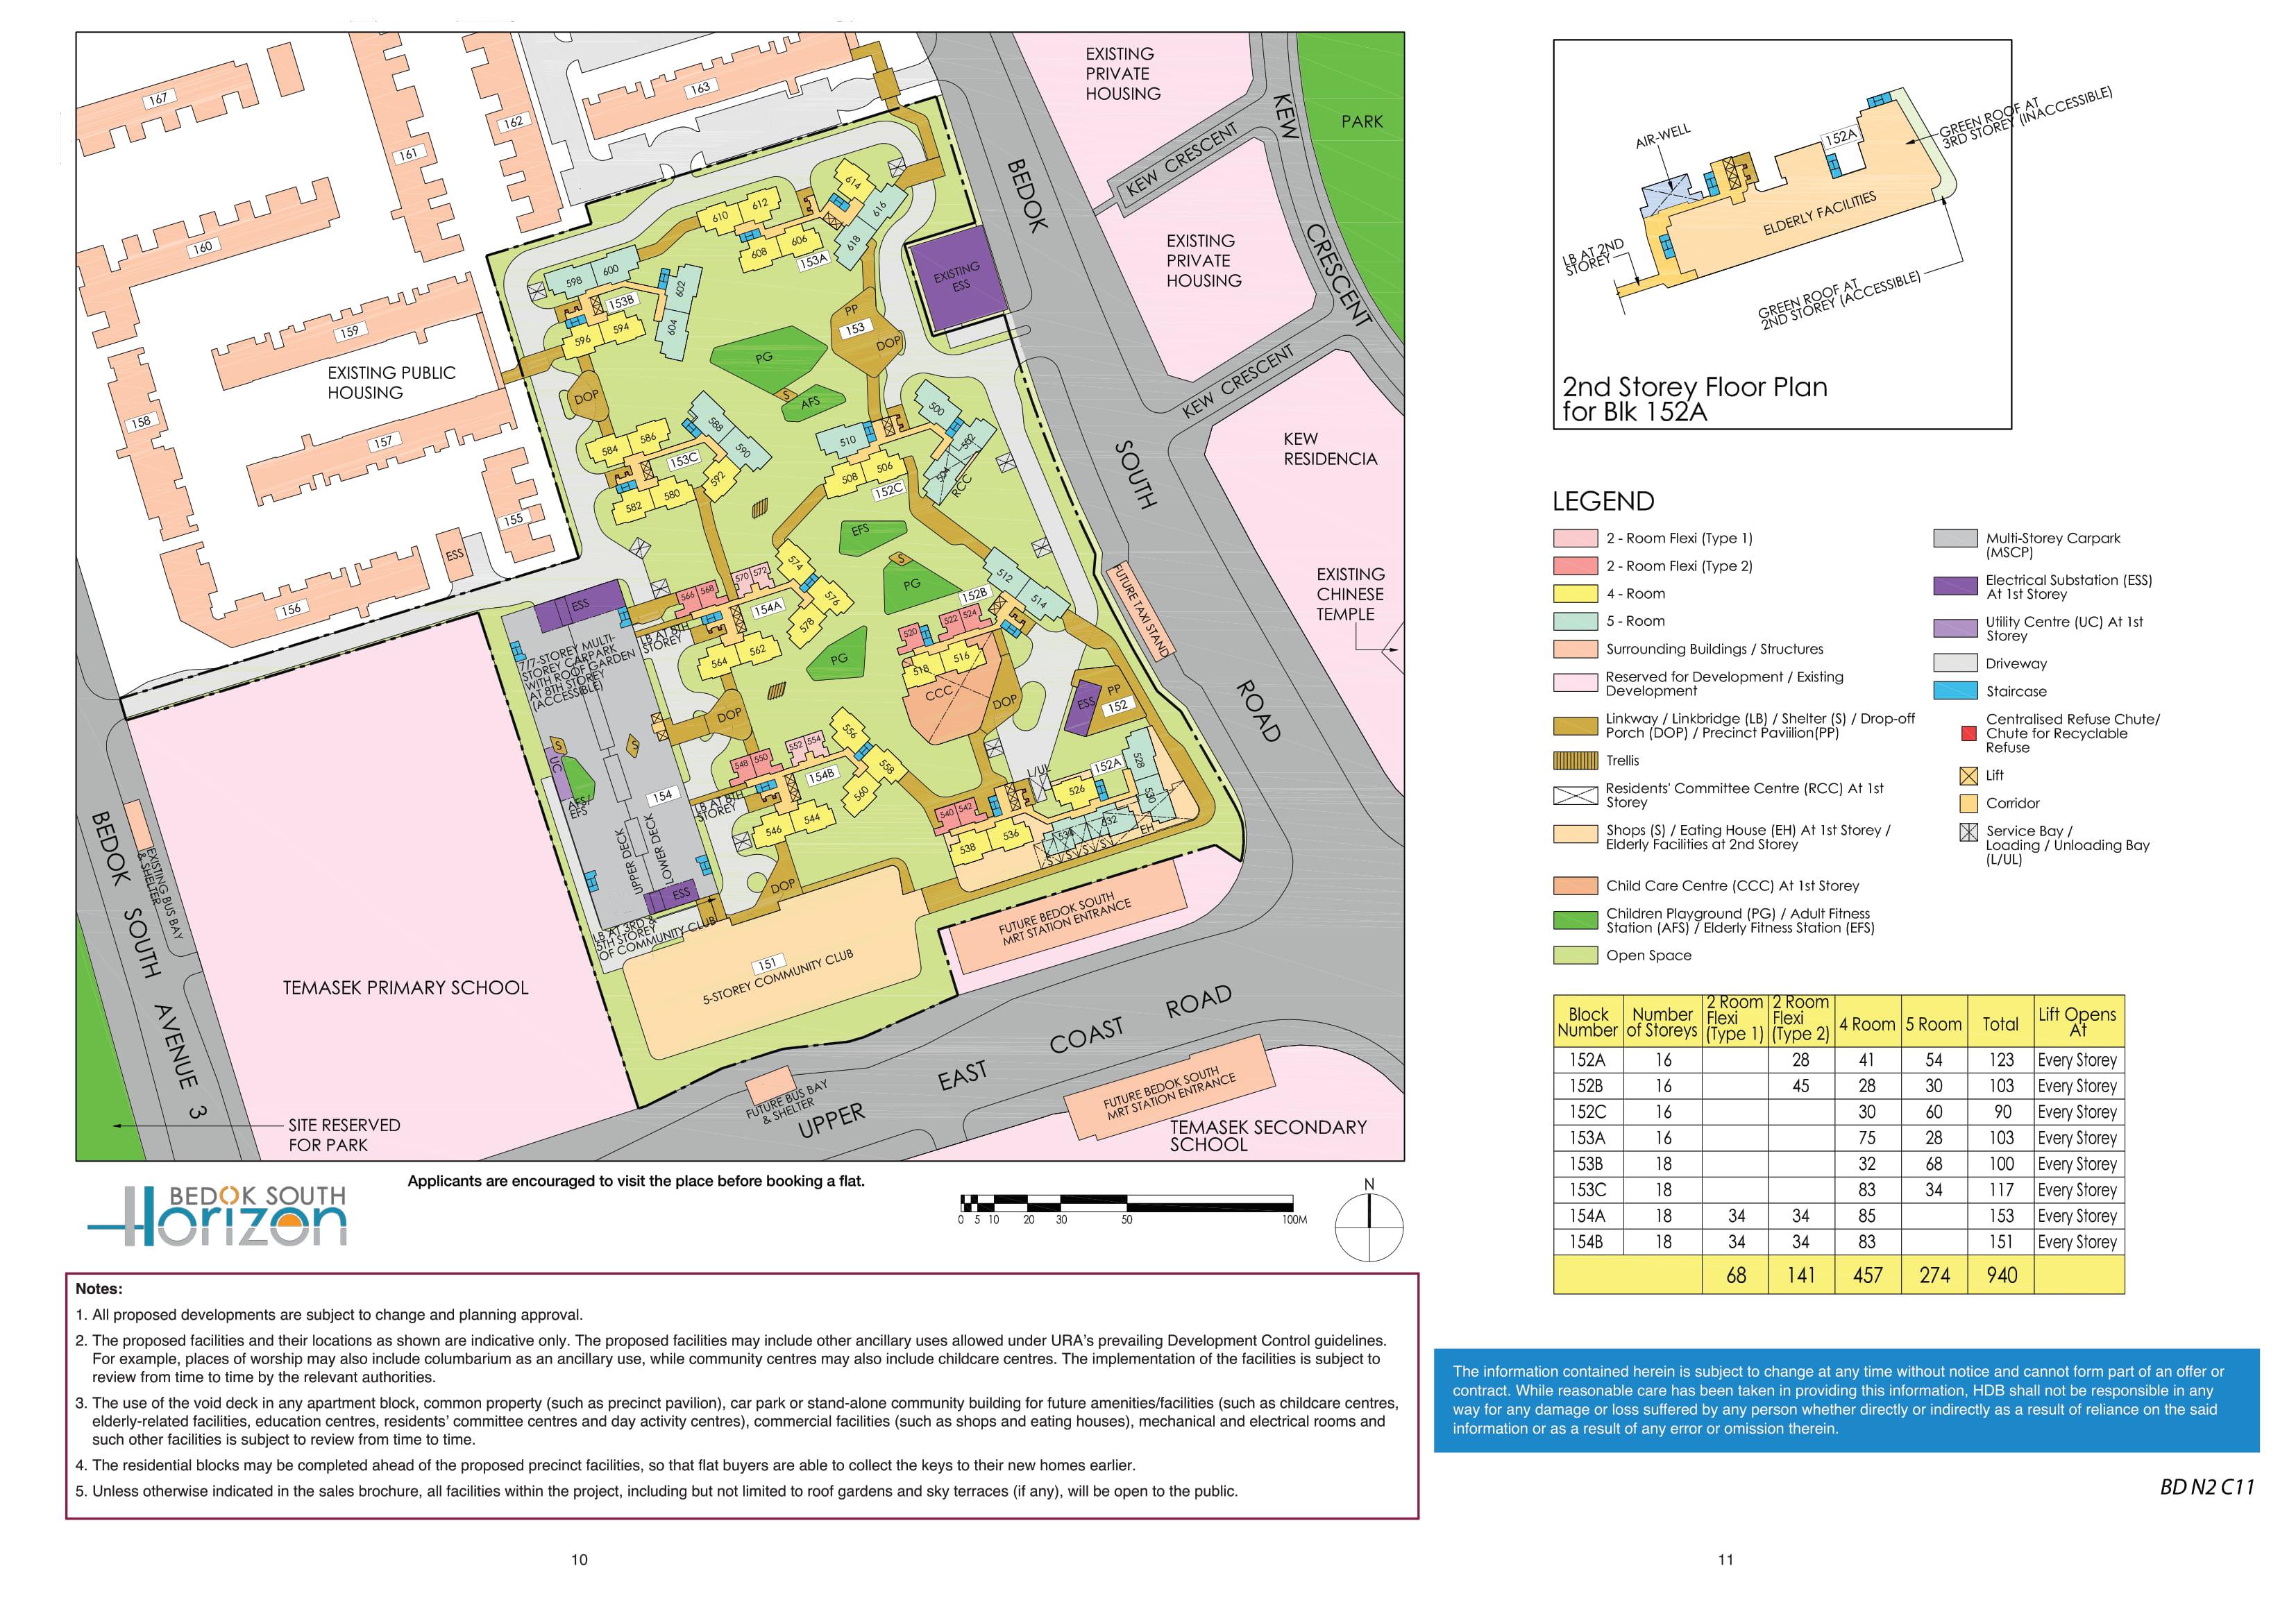 Bedok South Horizon Site Plan